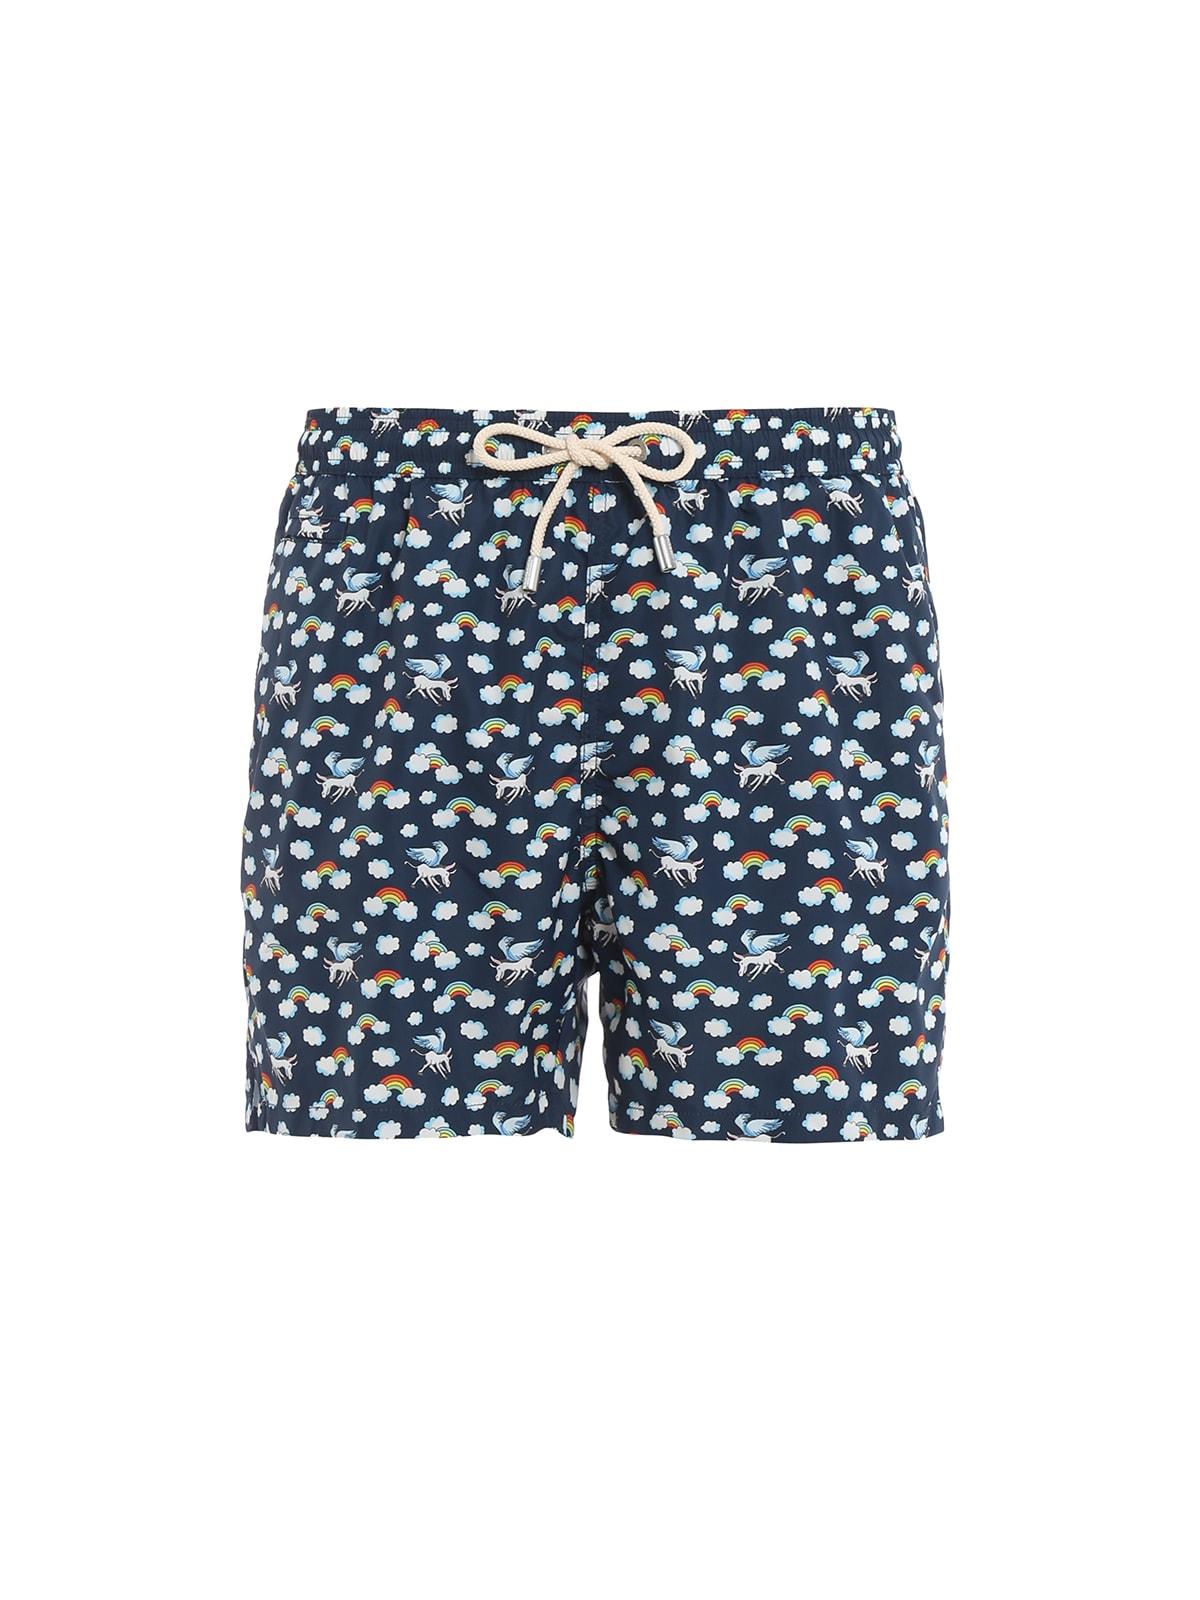 MC2 Saint Barth Swimwear